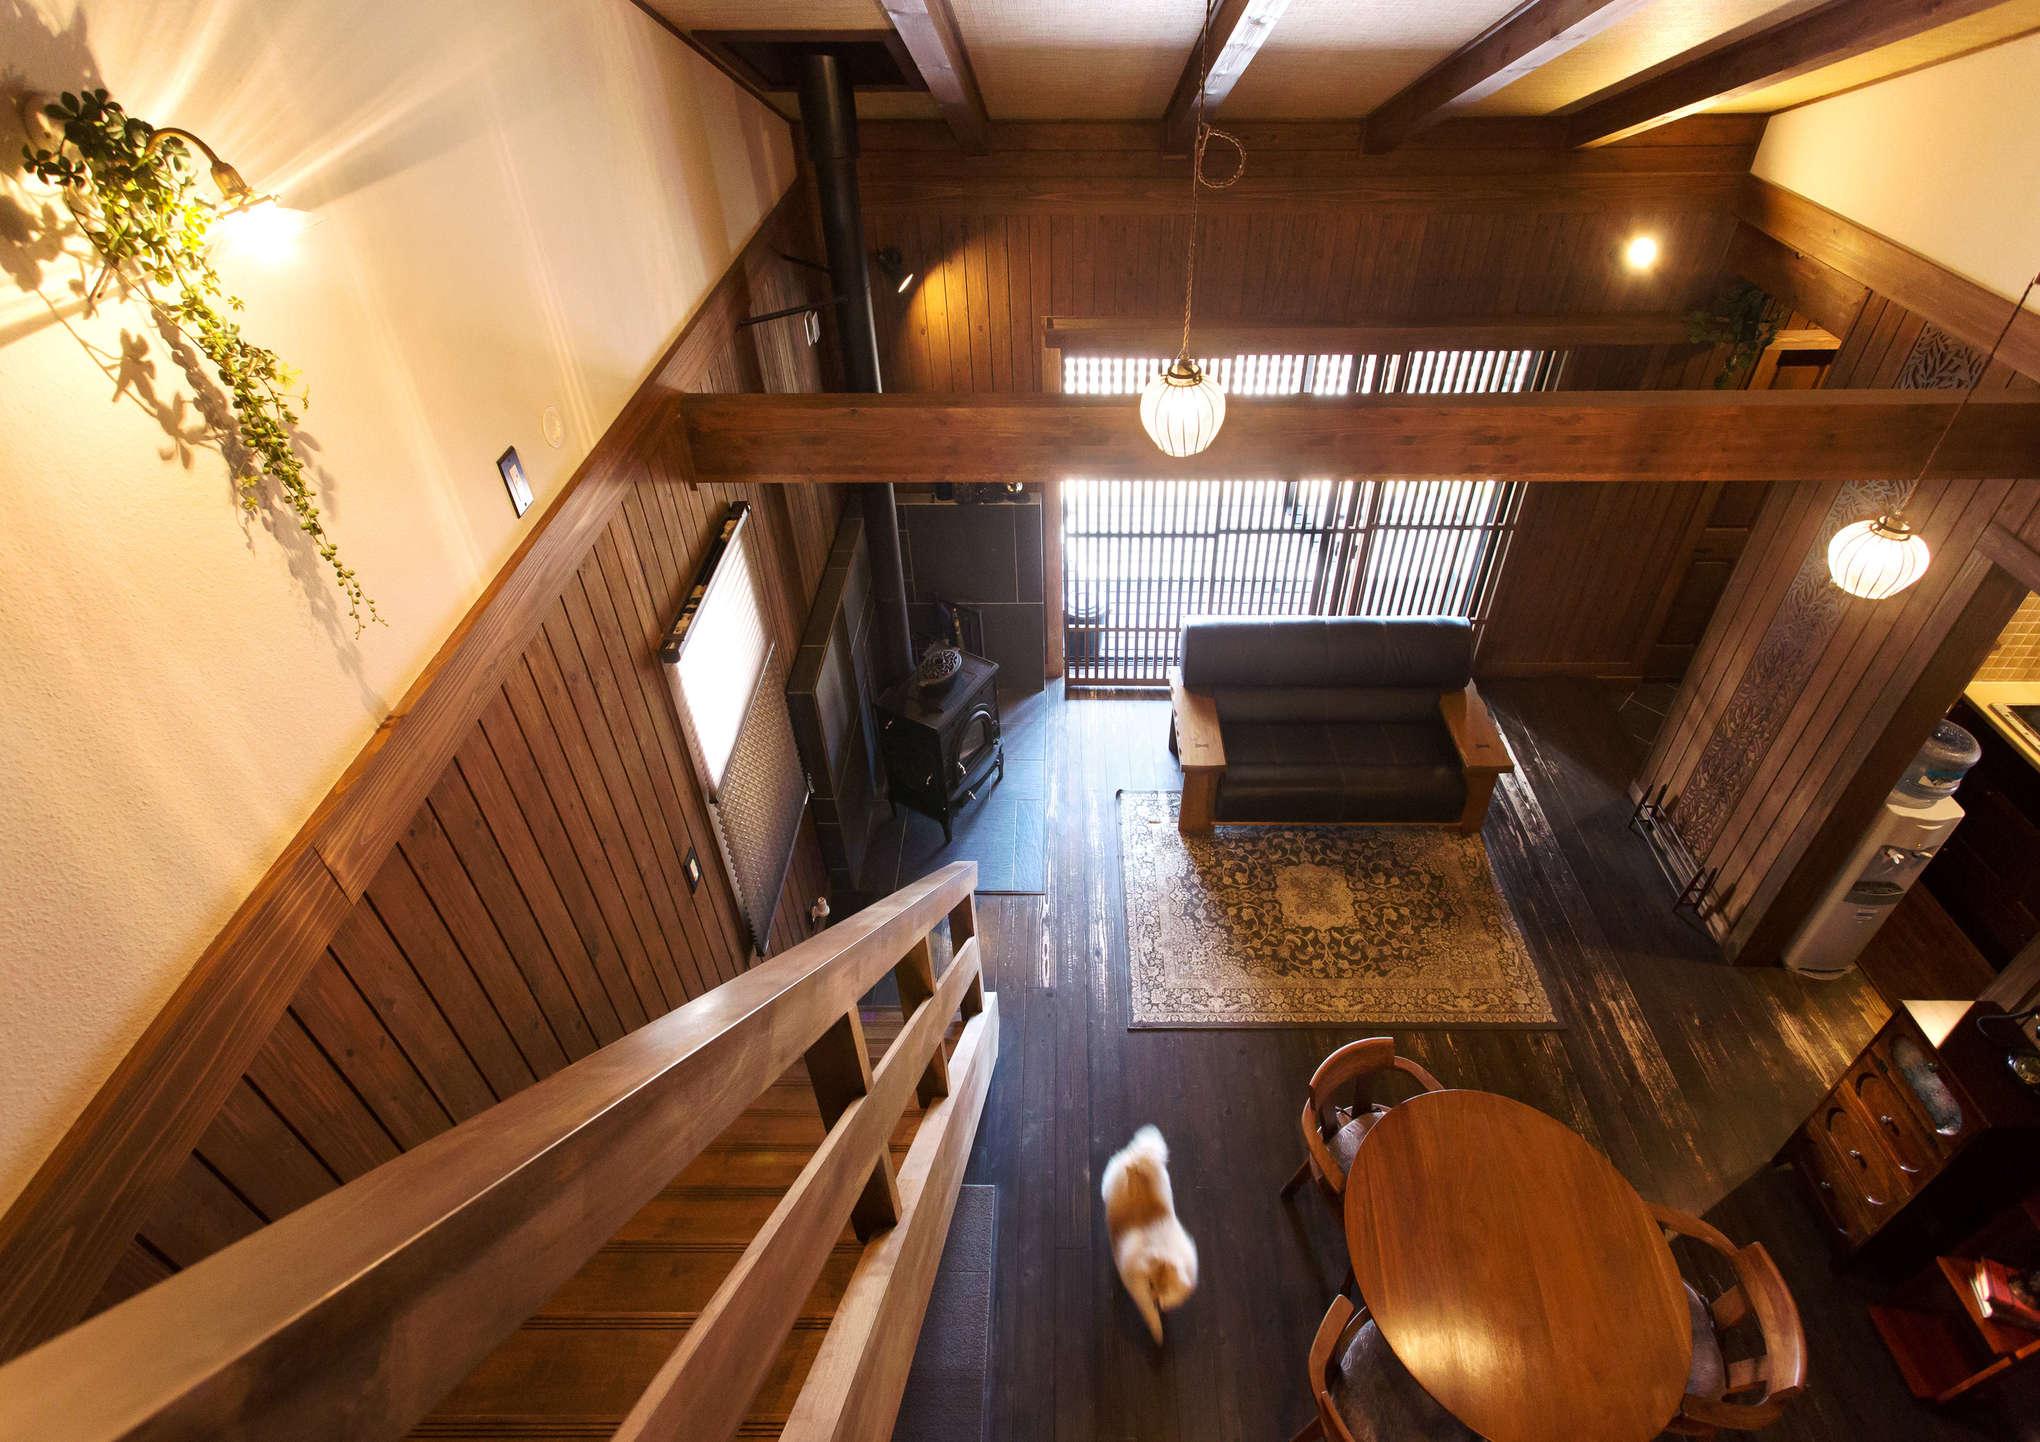 階段を登ると、吹き抜け上部から1階の様子が見下ろせる。部屋を仕切る壁はほとんどなく、1階と2階のすべてが繋がるワンルームのような造りがユニーク。愛犬のポメラニアンも元気よく室内を駆け回る